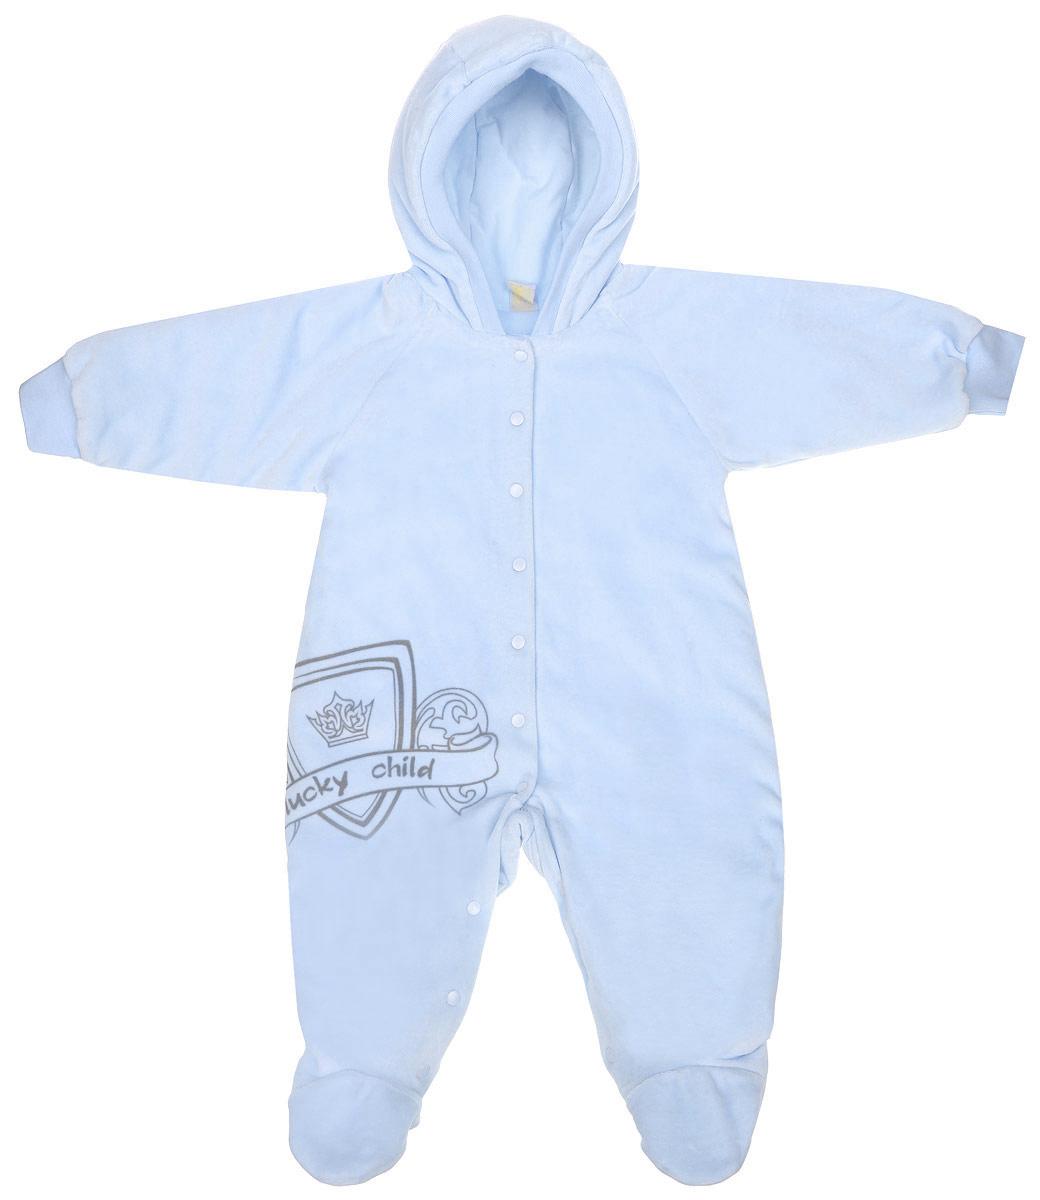 Комбинезон домашний5-1Детский комбинезон Lucky Child - очень удобный и практичный вид одежды для малышей. Комбинезон выполнен из велюра на подкладке из натурального хлопка, благодаря чему он необычайно мягкий и приятный на ощупь, не раздражают нежную кожу ребенка и хорошо вентилируются, а эластичные швы приятны телу младенца и не препятствуют его движениям. В качестве утеплителя используется синтепон. Комбинезон с капюшоном, длинными рукавами-реглан и закрытыми ножками по центру застегивается на металлические застежки-кнопки, также имеются застежки-кнопки на ластовице, что помогает с легкостью переодеть младенца или сменить подгузник. Капюшон по краю дополнен широкой трикотажной резинкой. Рукава понизу дополнены широкими эластичными манжетами, которые мягко обхватывают запястья. Спереди изделие оформлено оригинальным принтом в виде логотипа бренда. С детским комбинезоном Lucky Child спинка и ножки вашего малыша всегда будут в тепле. Комбинезон полностью соответствует особенностям жизни младенца...